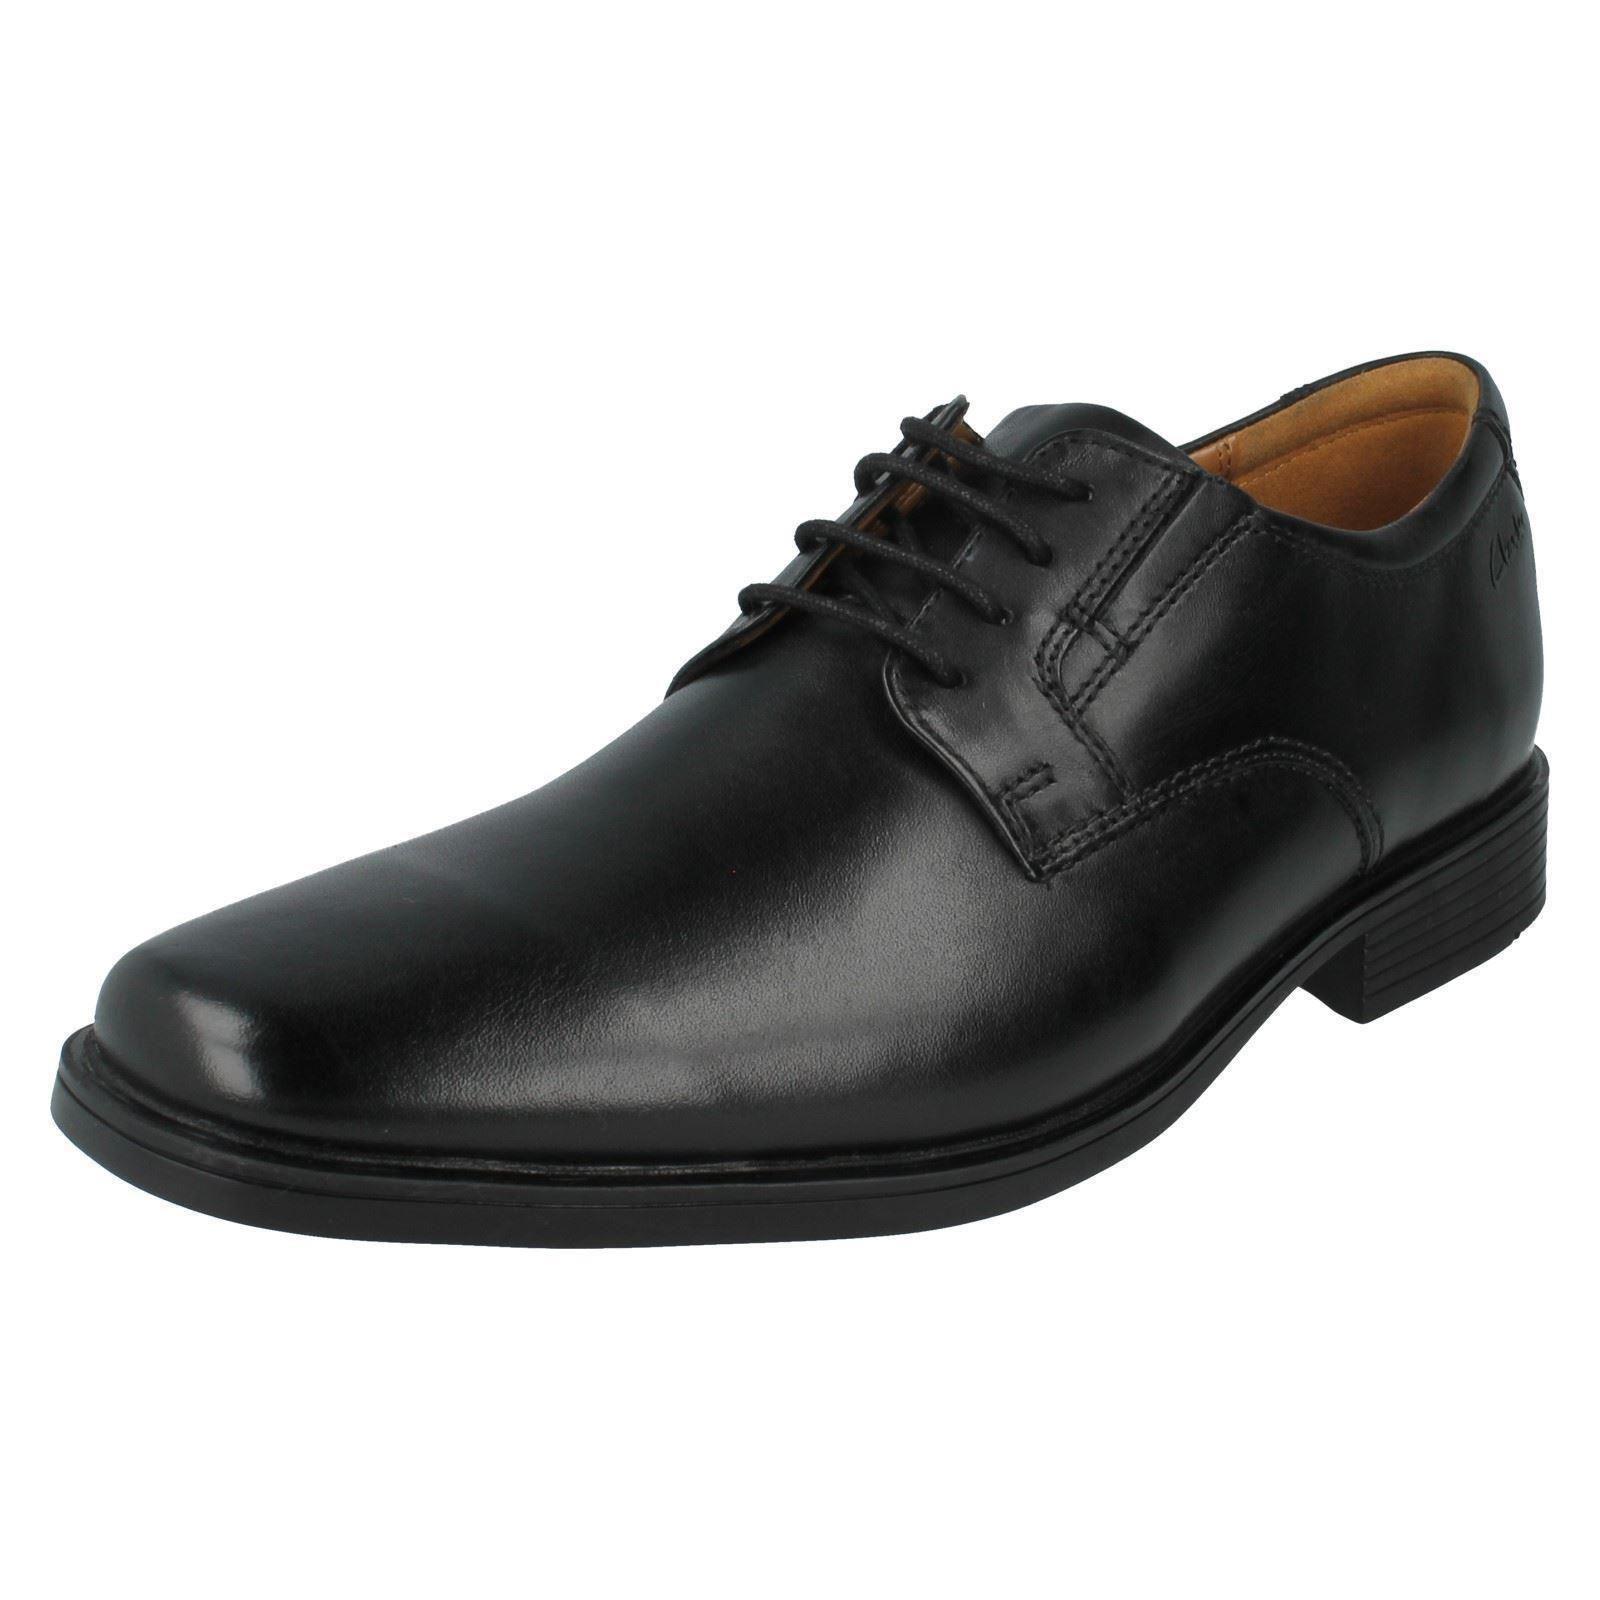 Men's Clarks Formal Shoes The - Style - The  Tilden Plain 46115b